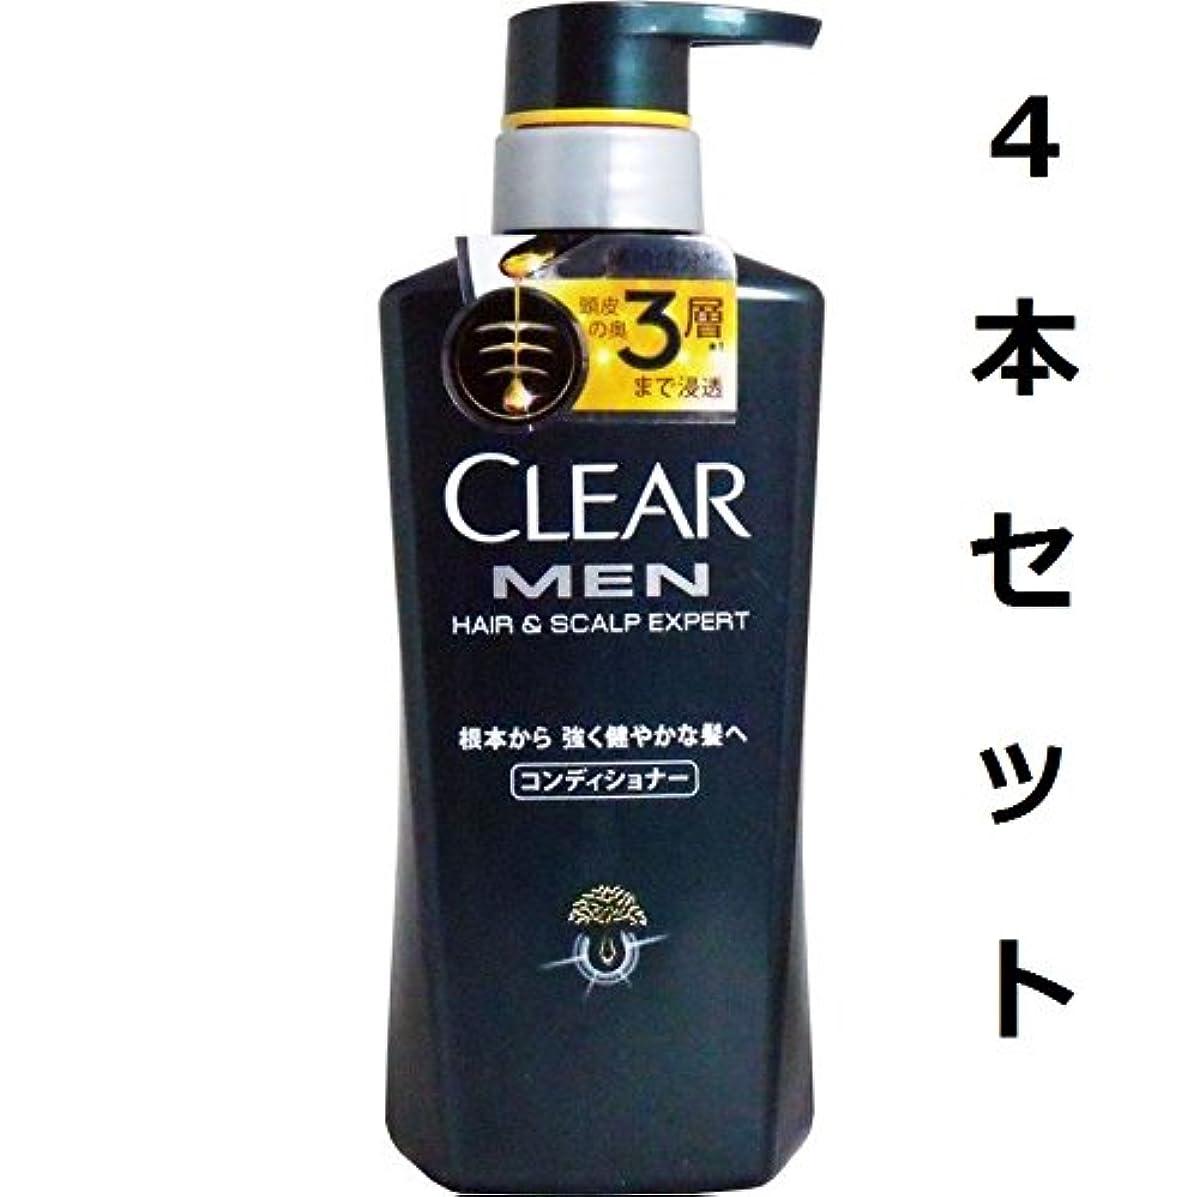 マウントバンクキャラバン不透明な根元から強く健やかな髪へクリア フォーメン ヘア&スカルプ エキスパート コンディショナー ポンプ 350g 4本セット